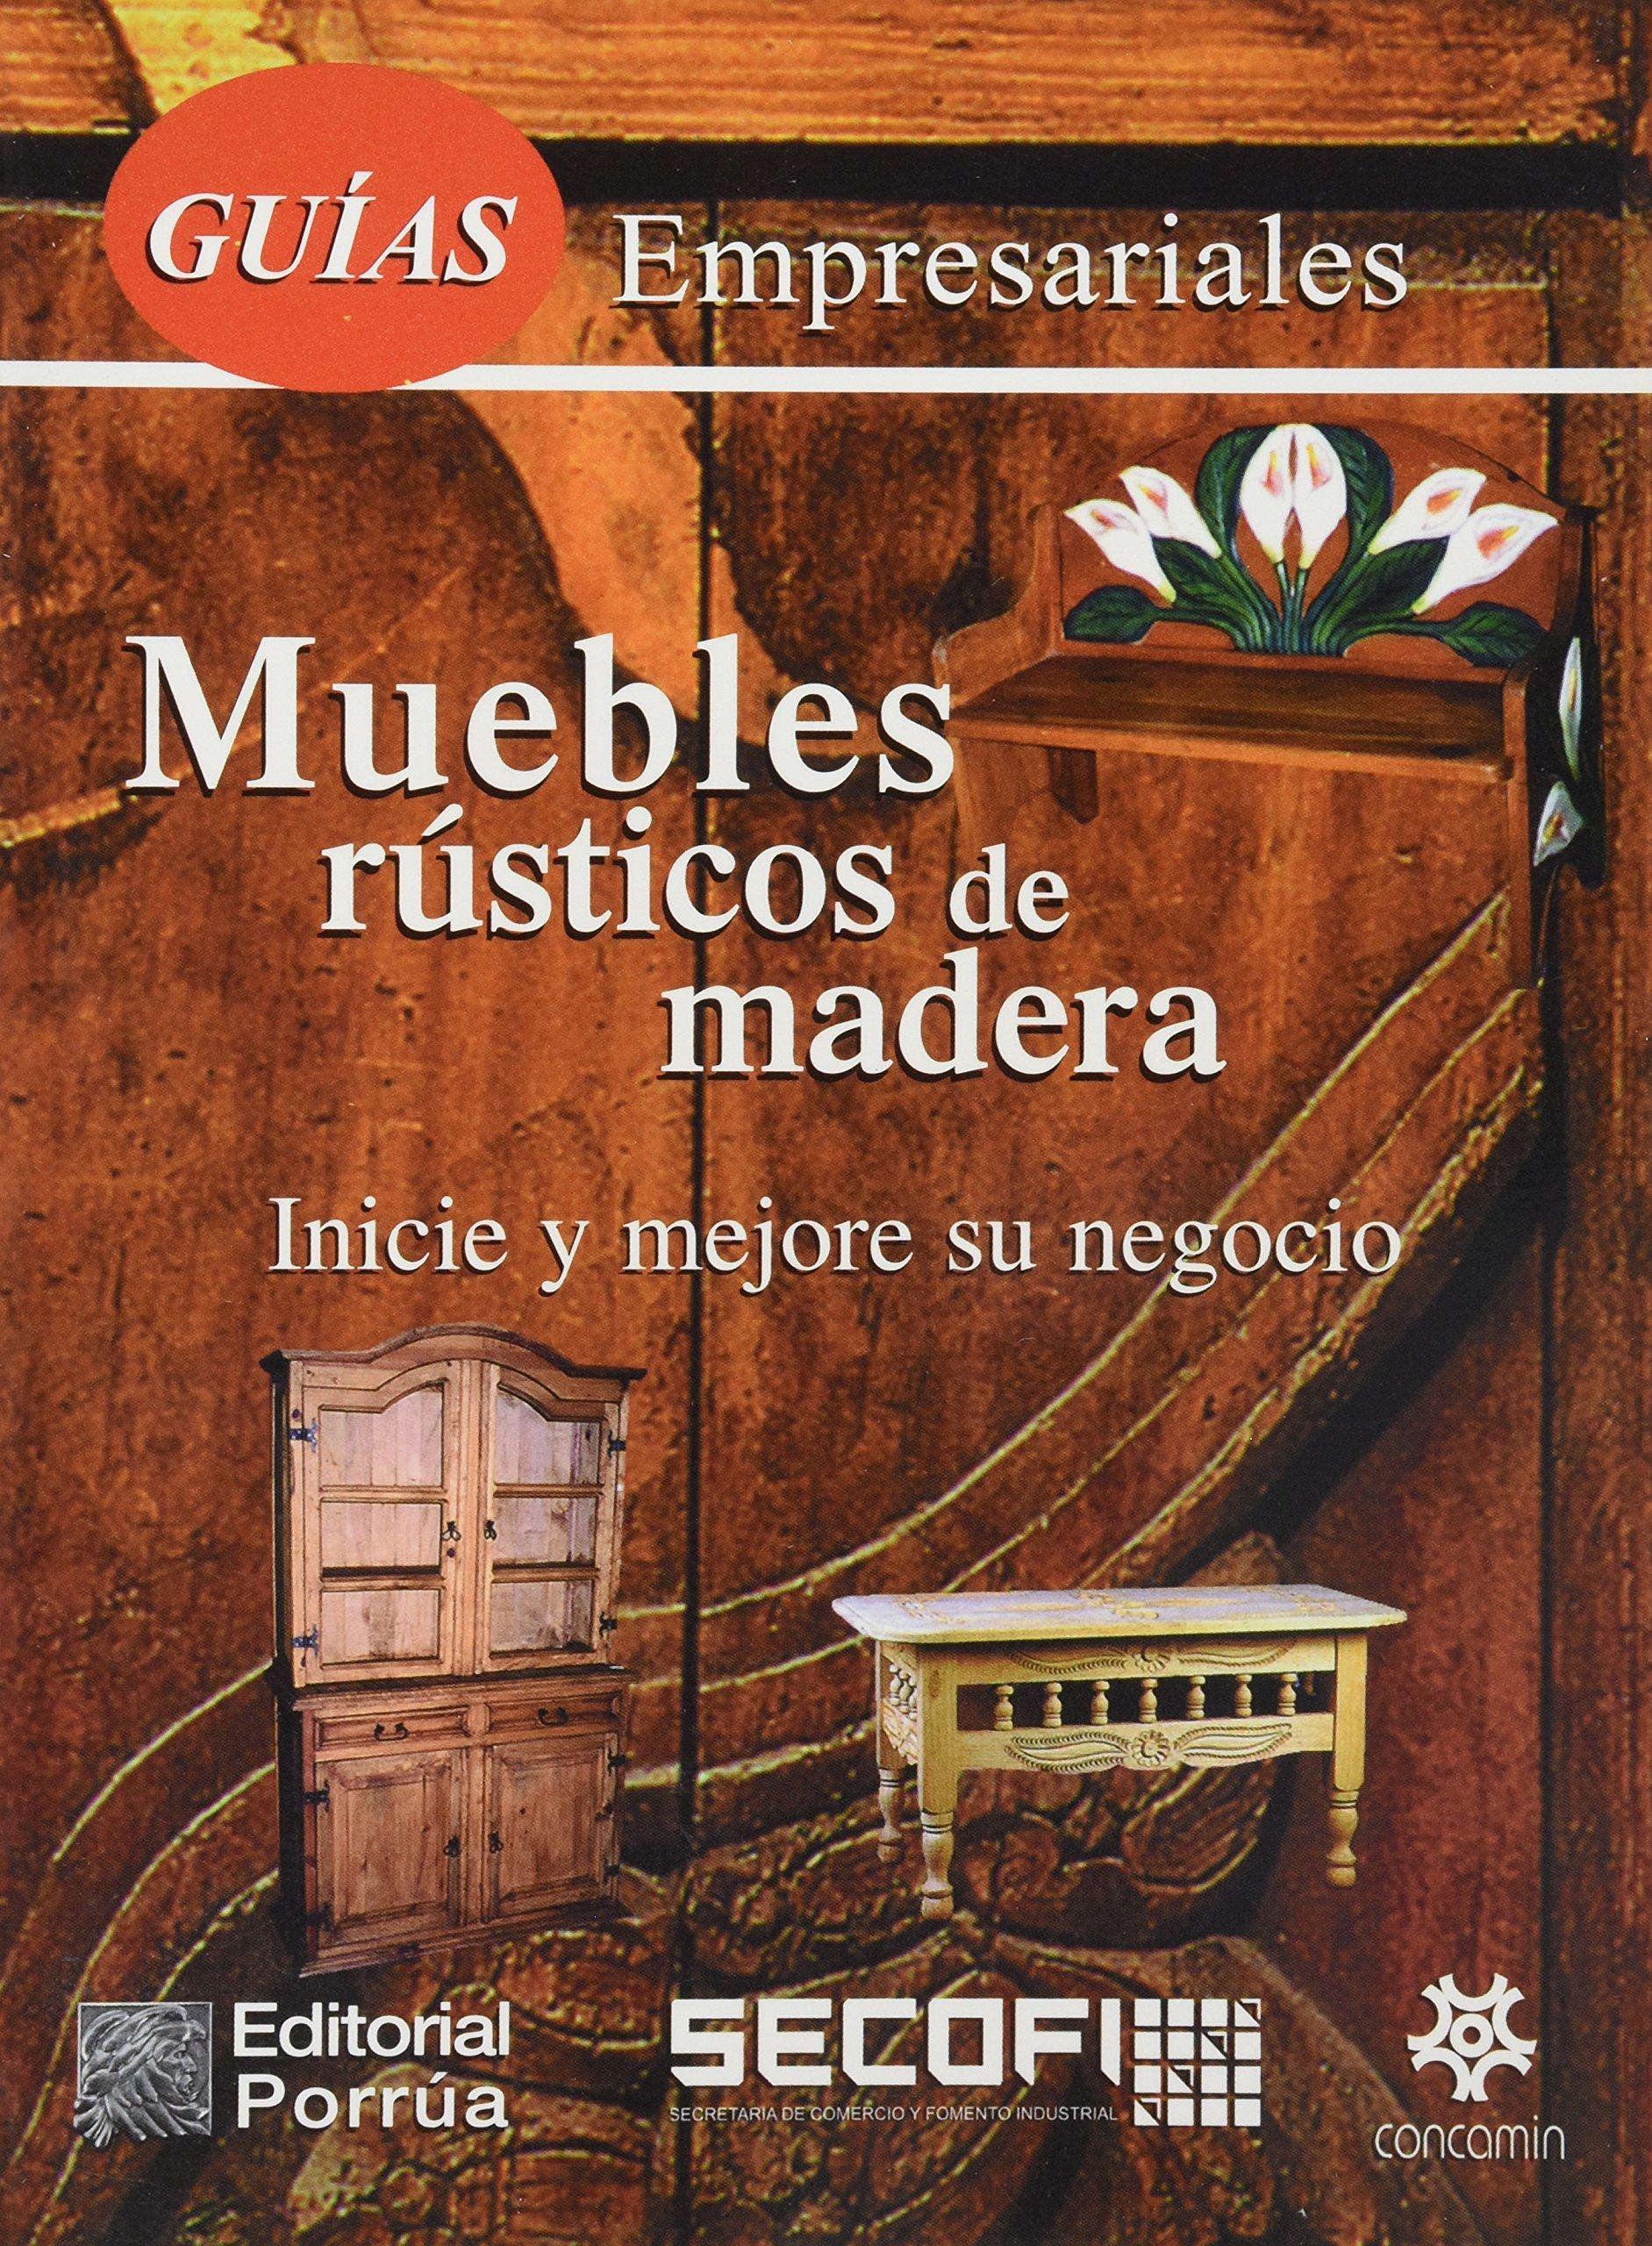 Guias Empresariales Muebles Rusticos De Madera Sin Autor  # Muebles Fomento